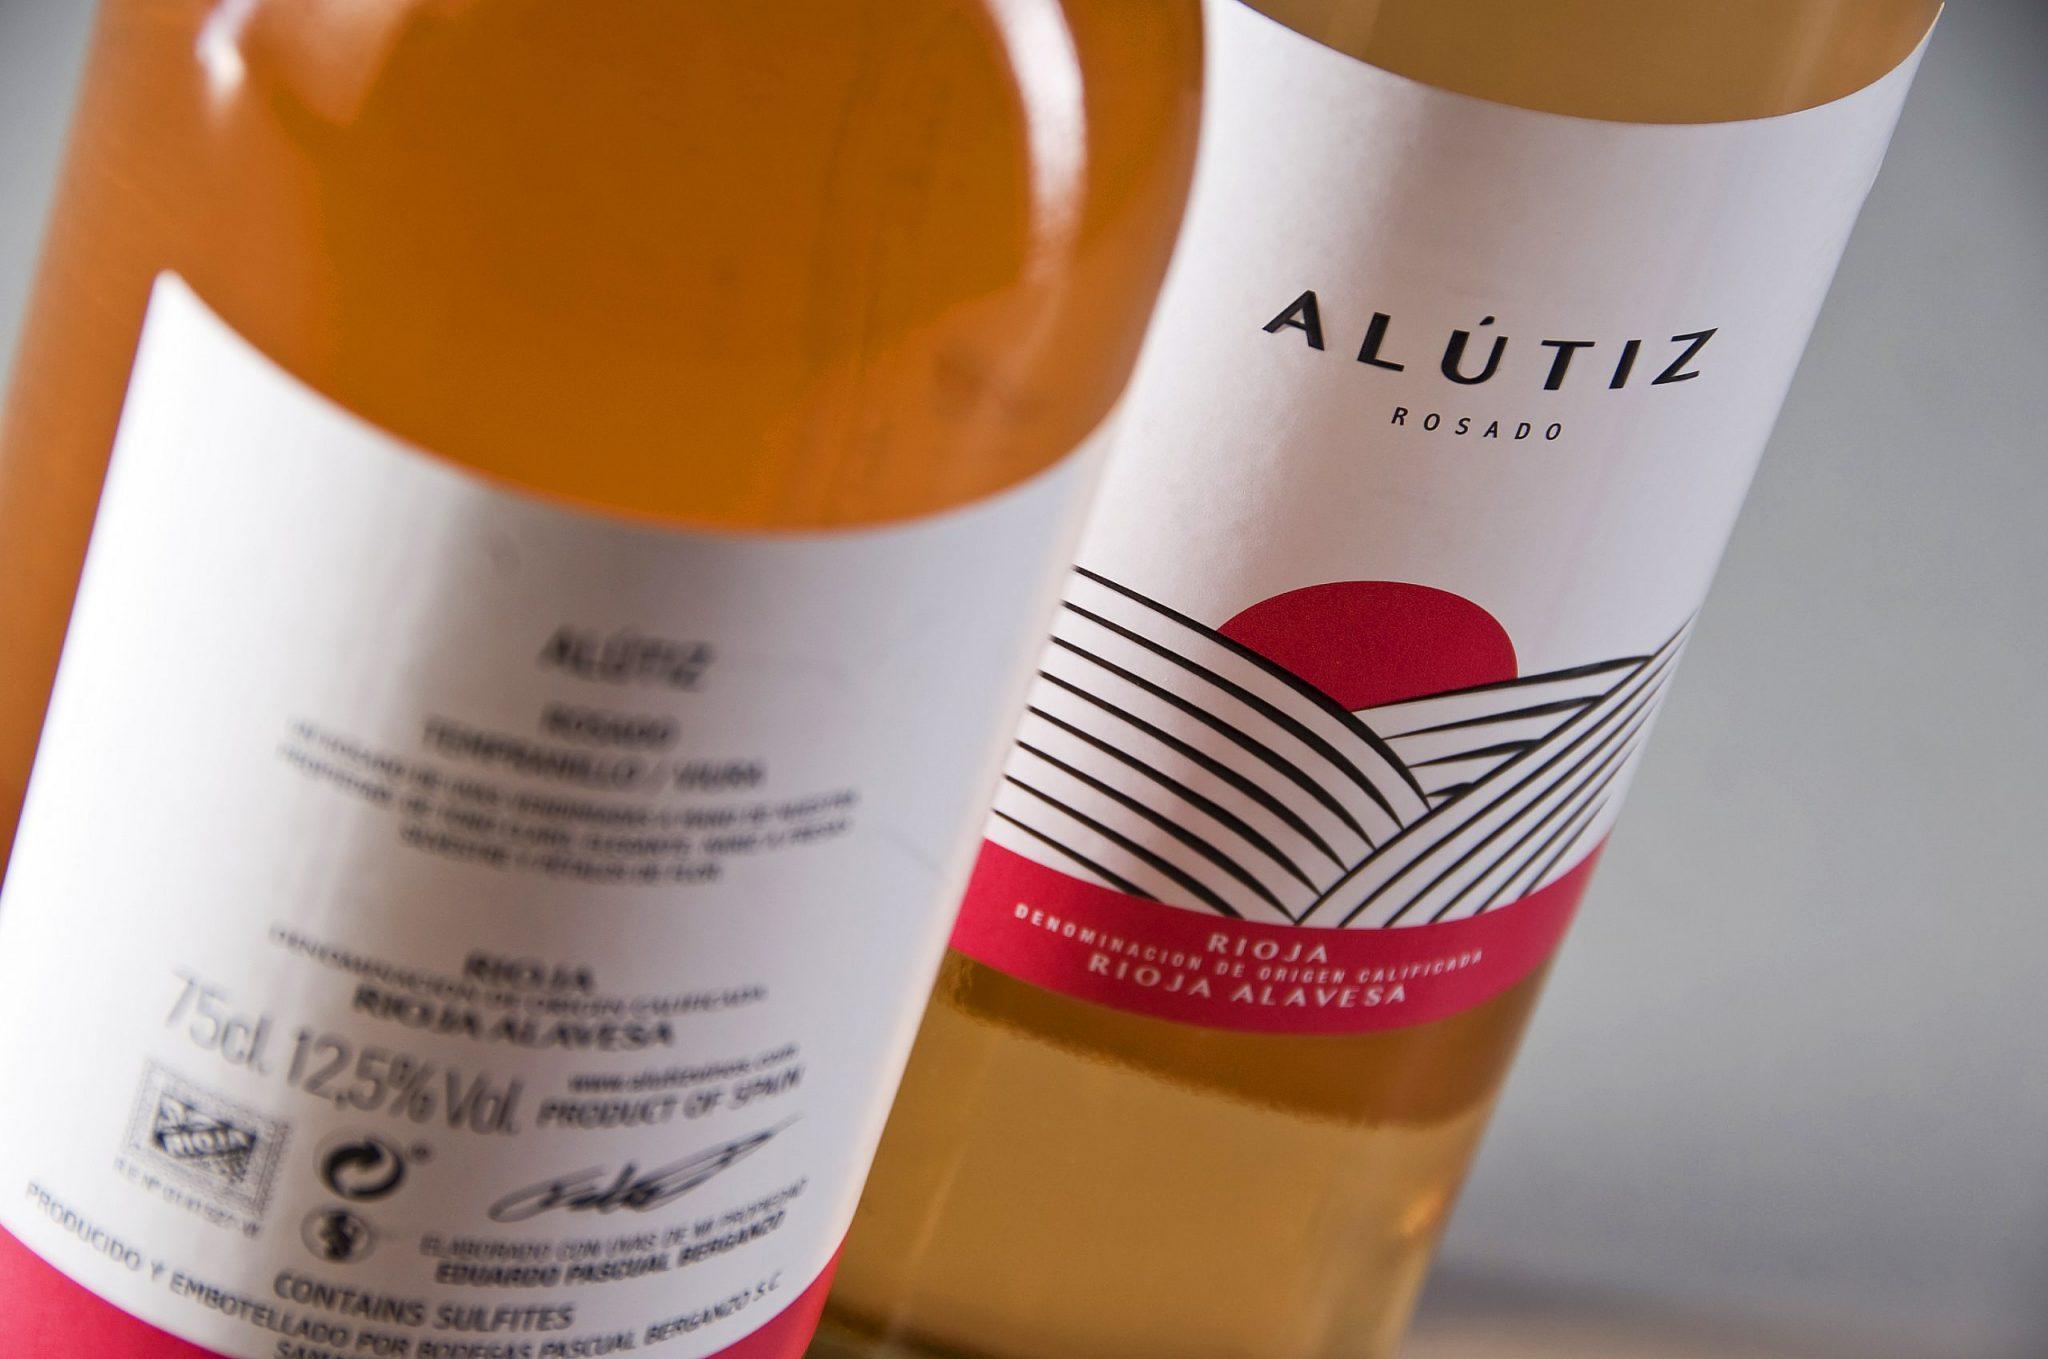 comprar vino online alutiz la rioja